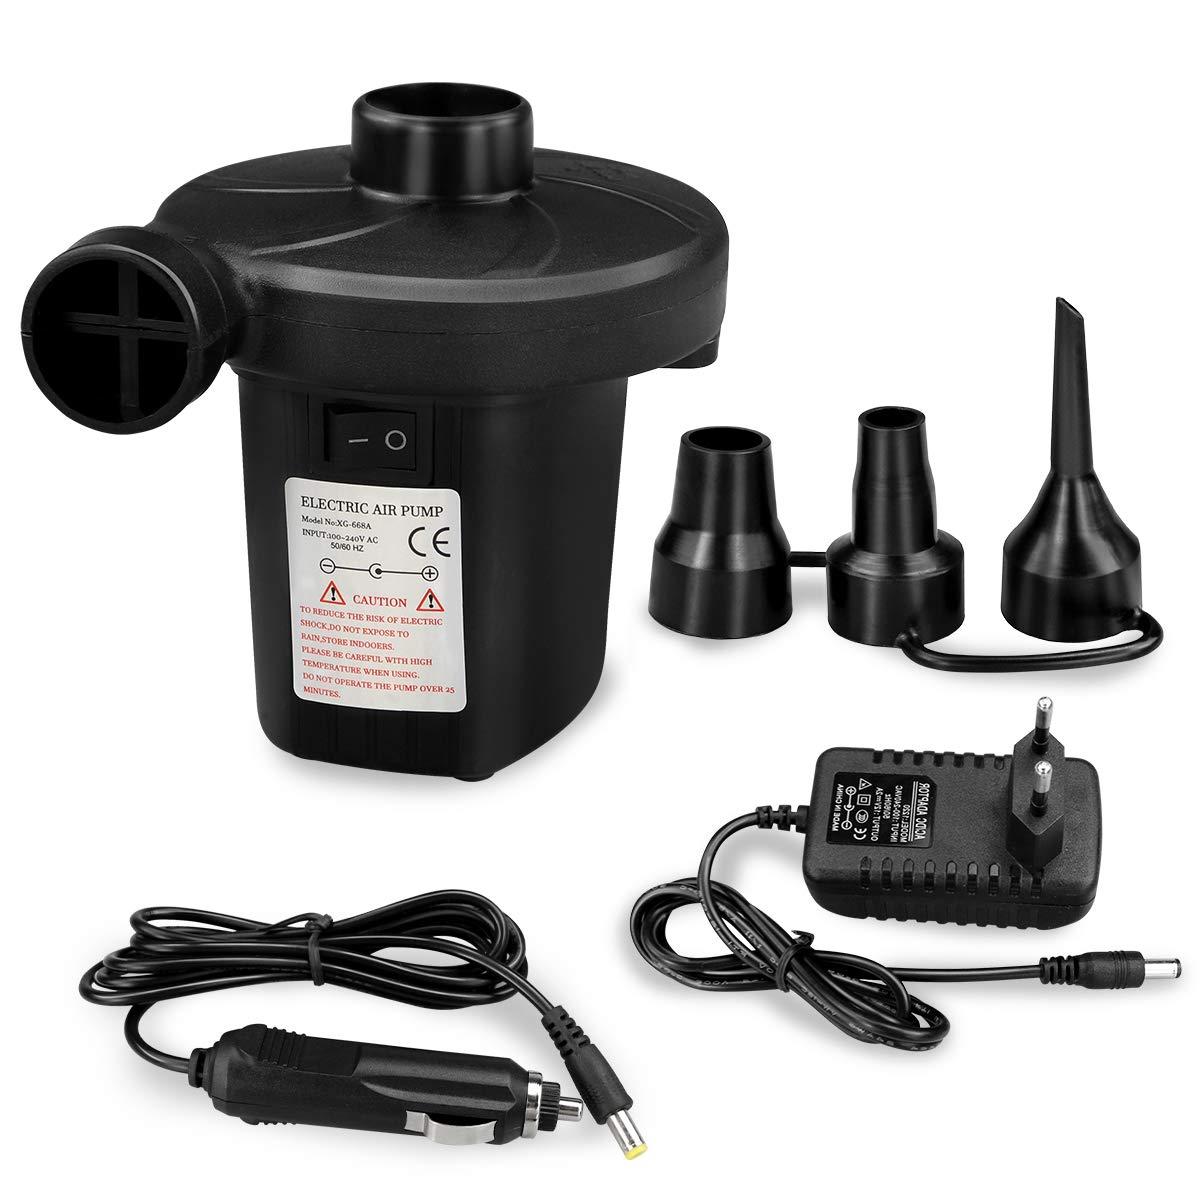 Zaeel Hinchador eléctrico, Bombas de Aire Eléctrica[DC12V/AC240V] Deflación Automática y